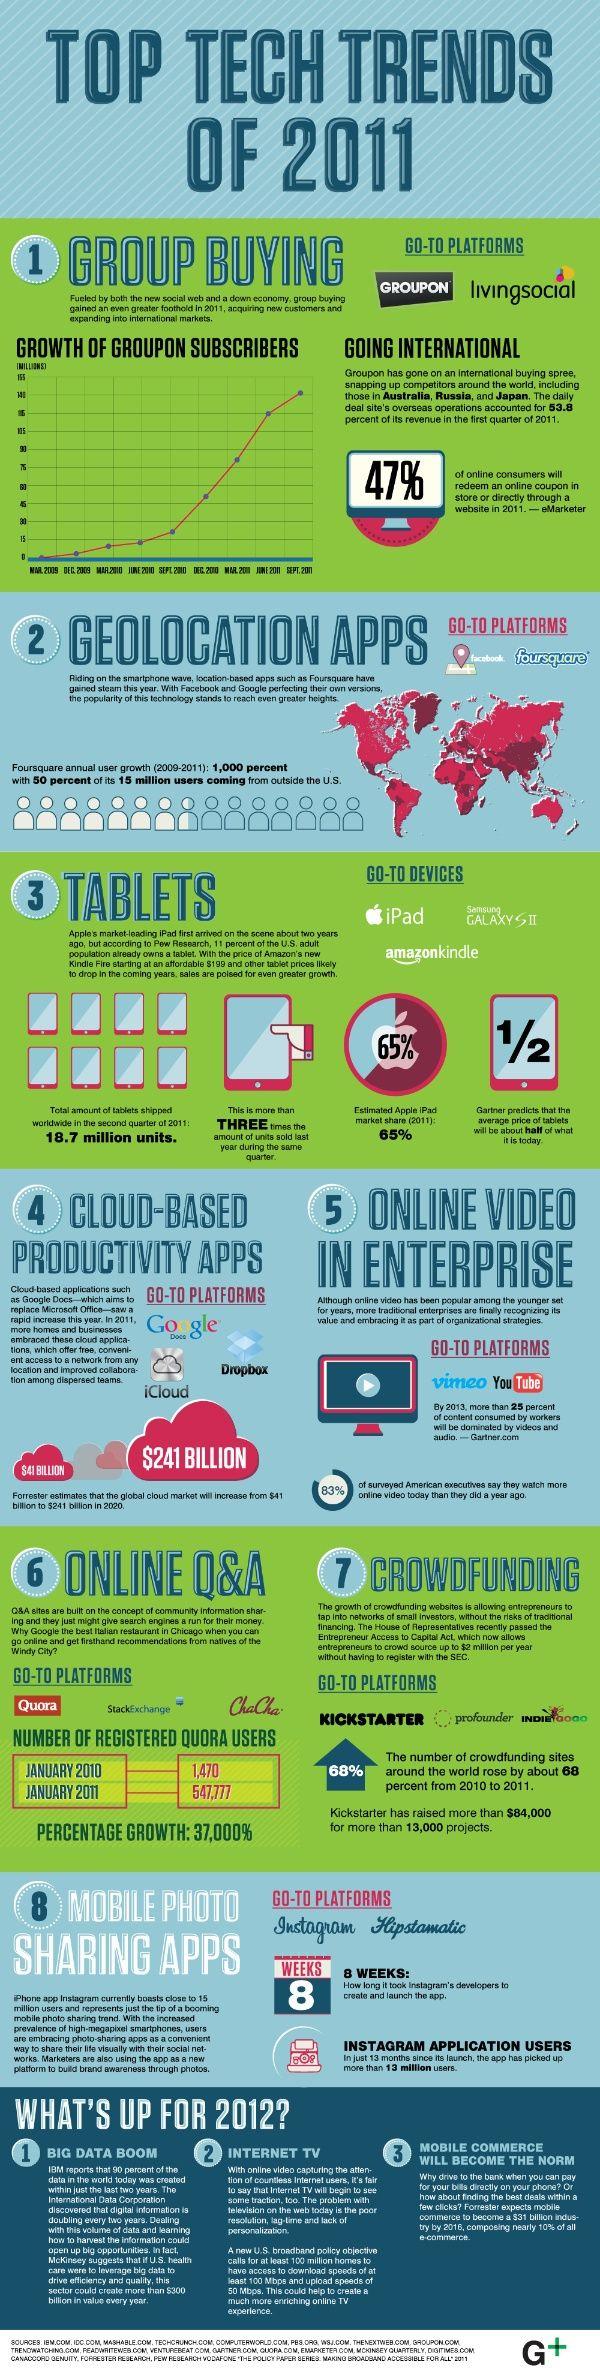 Las 8 tendencias tecnológicas de 2011